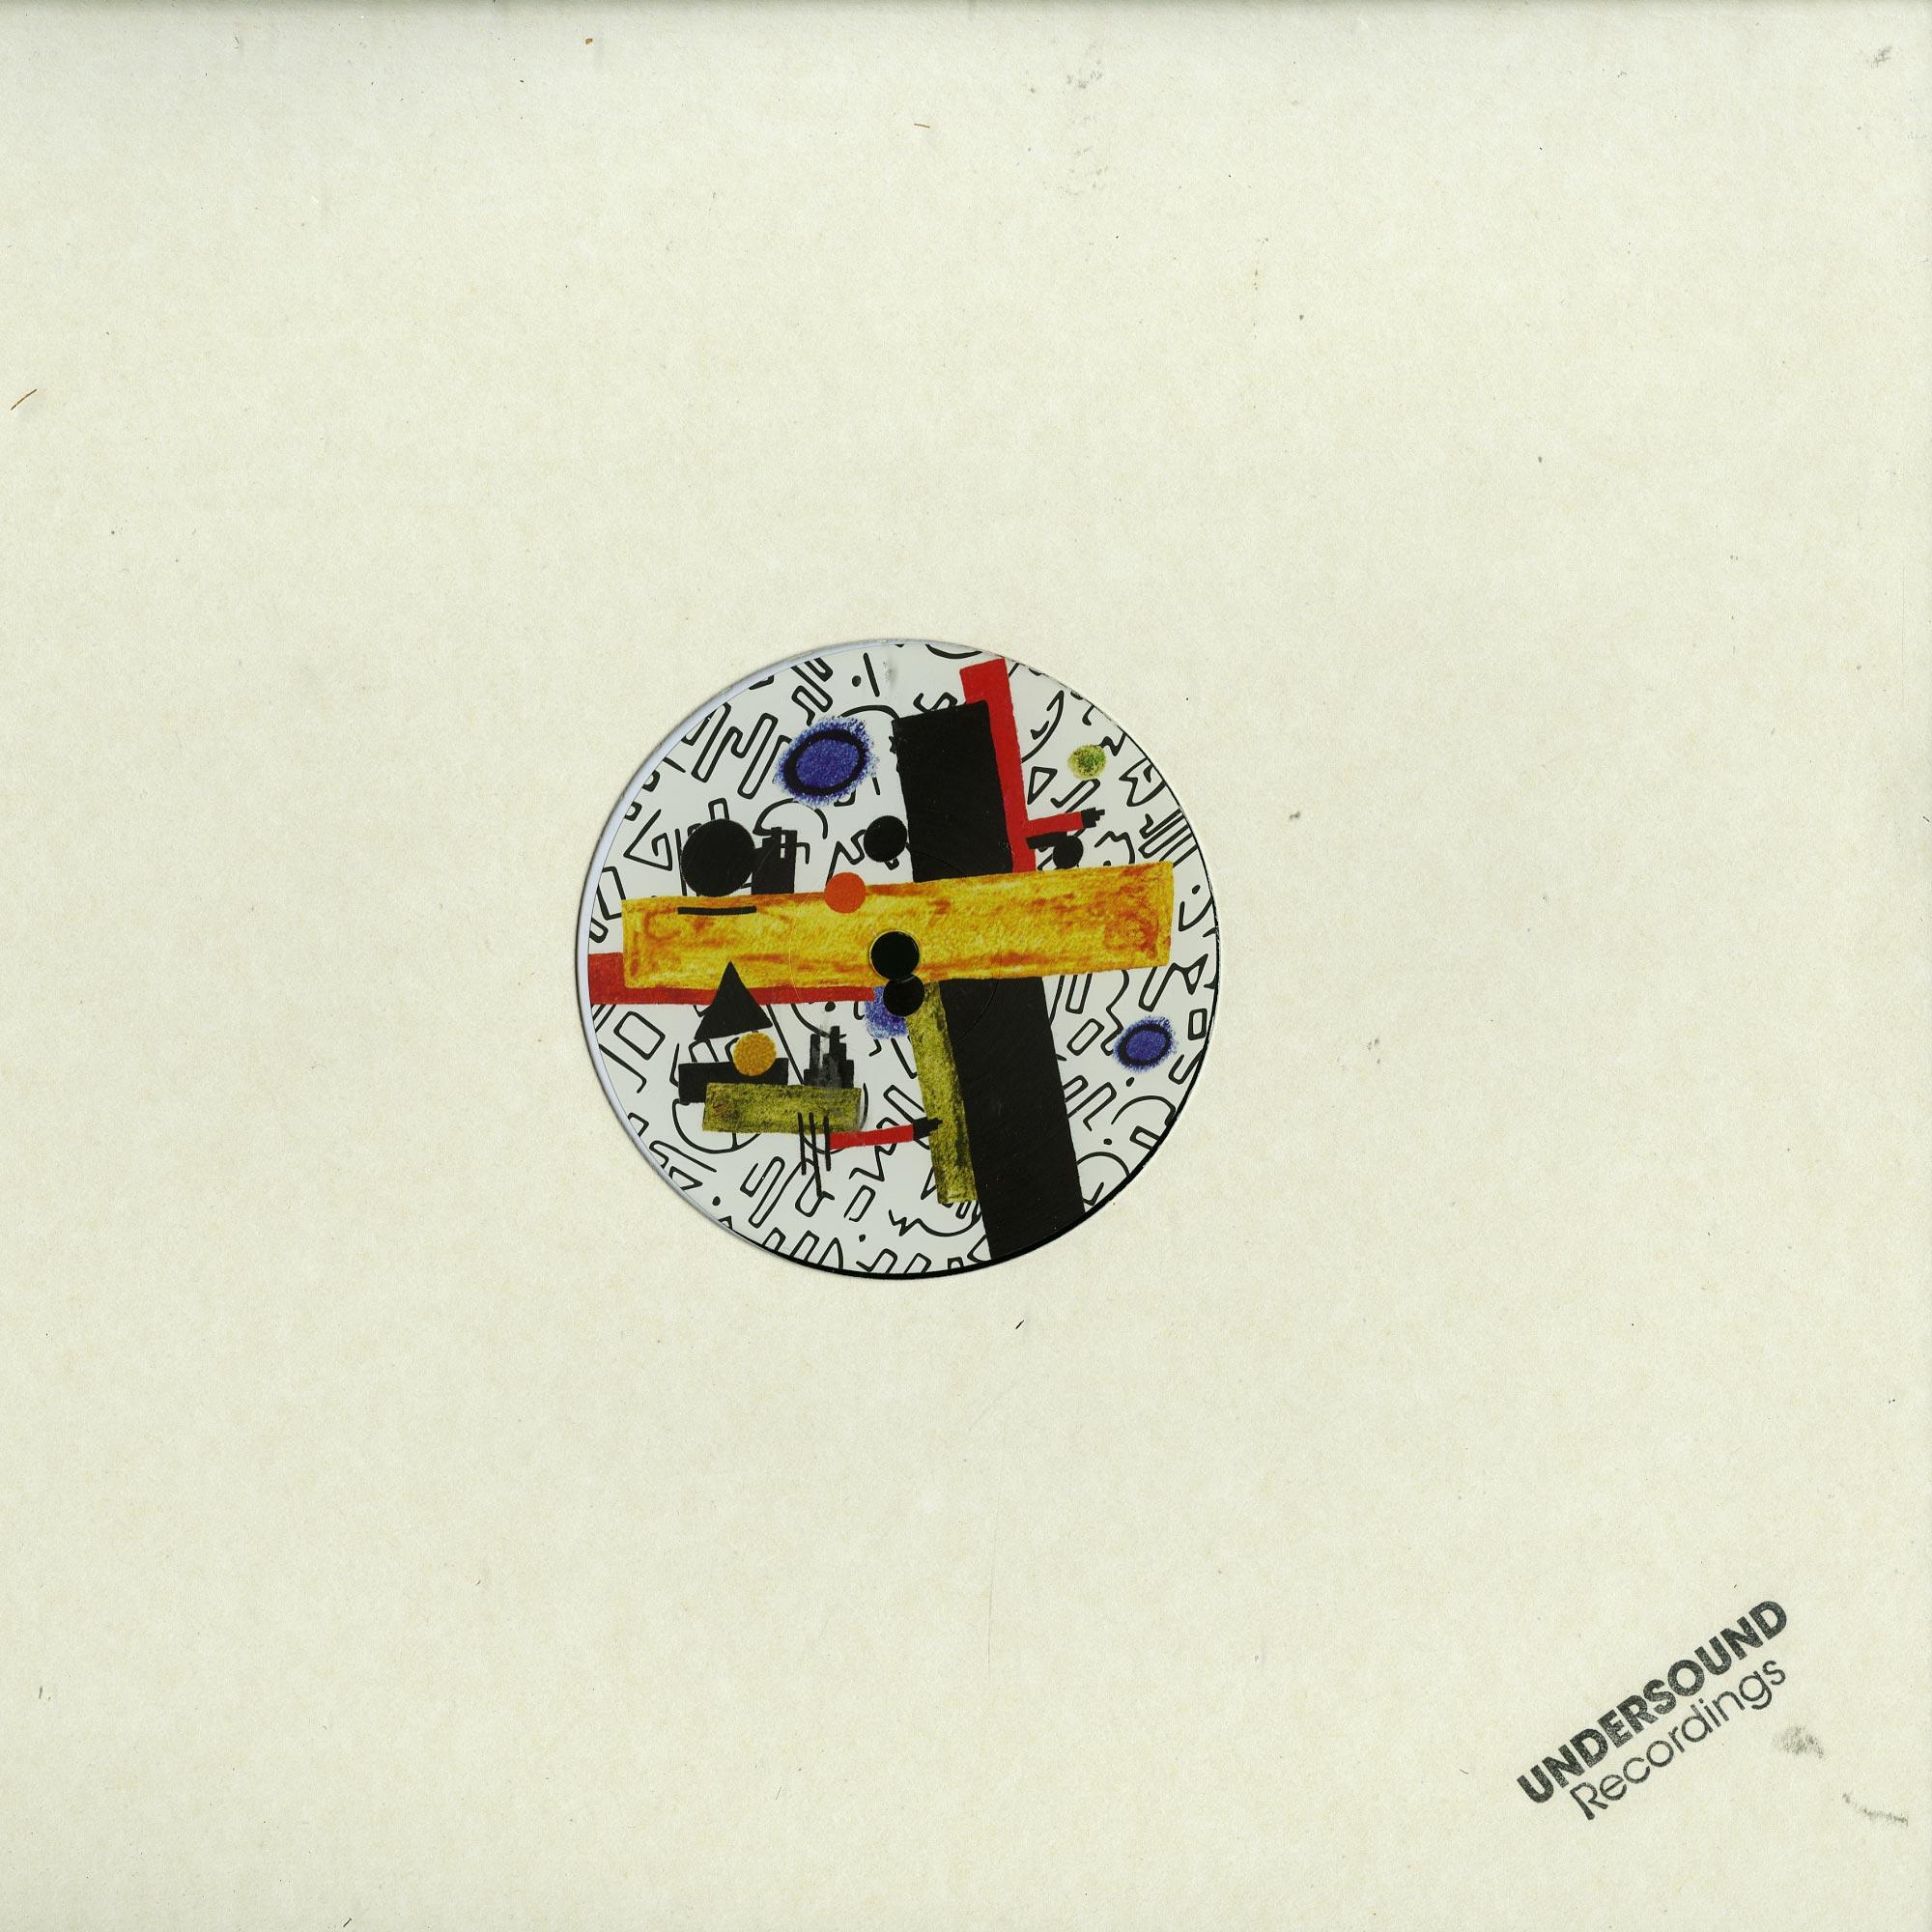 Henry Hyde - INNER DAZE EP